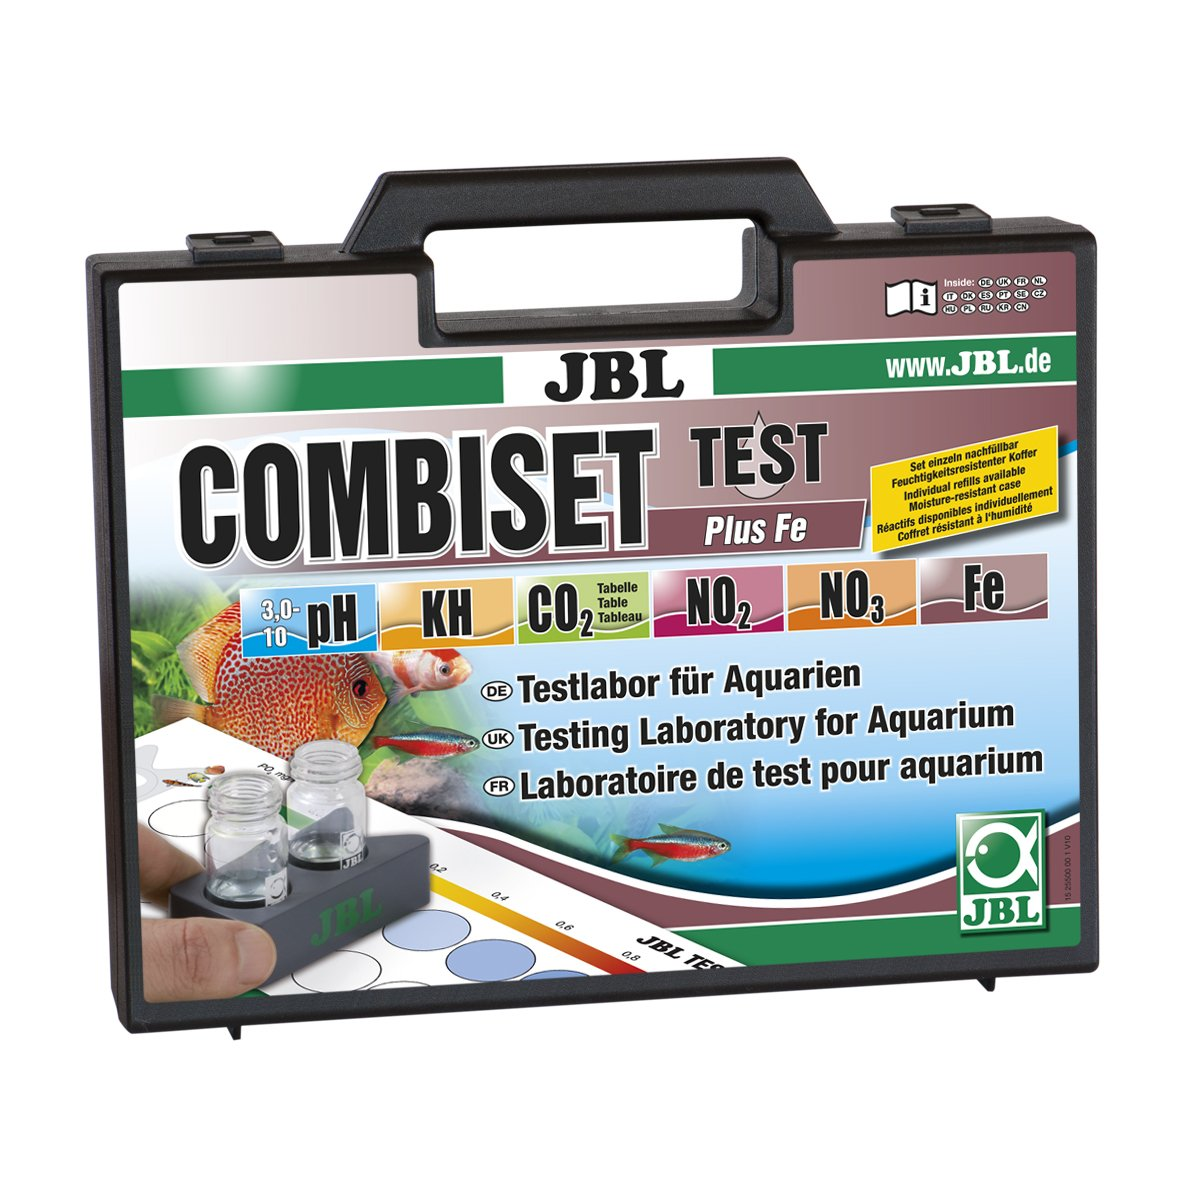 JBL Test Combi Set Plus Fe, Coffret de tests des principaux paramètres d'eau en aquarium d'eau douce, Test fer inclus 2550000 B000H6SQK8